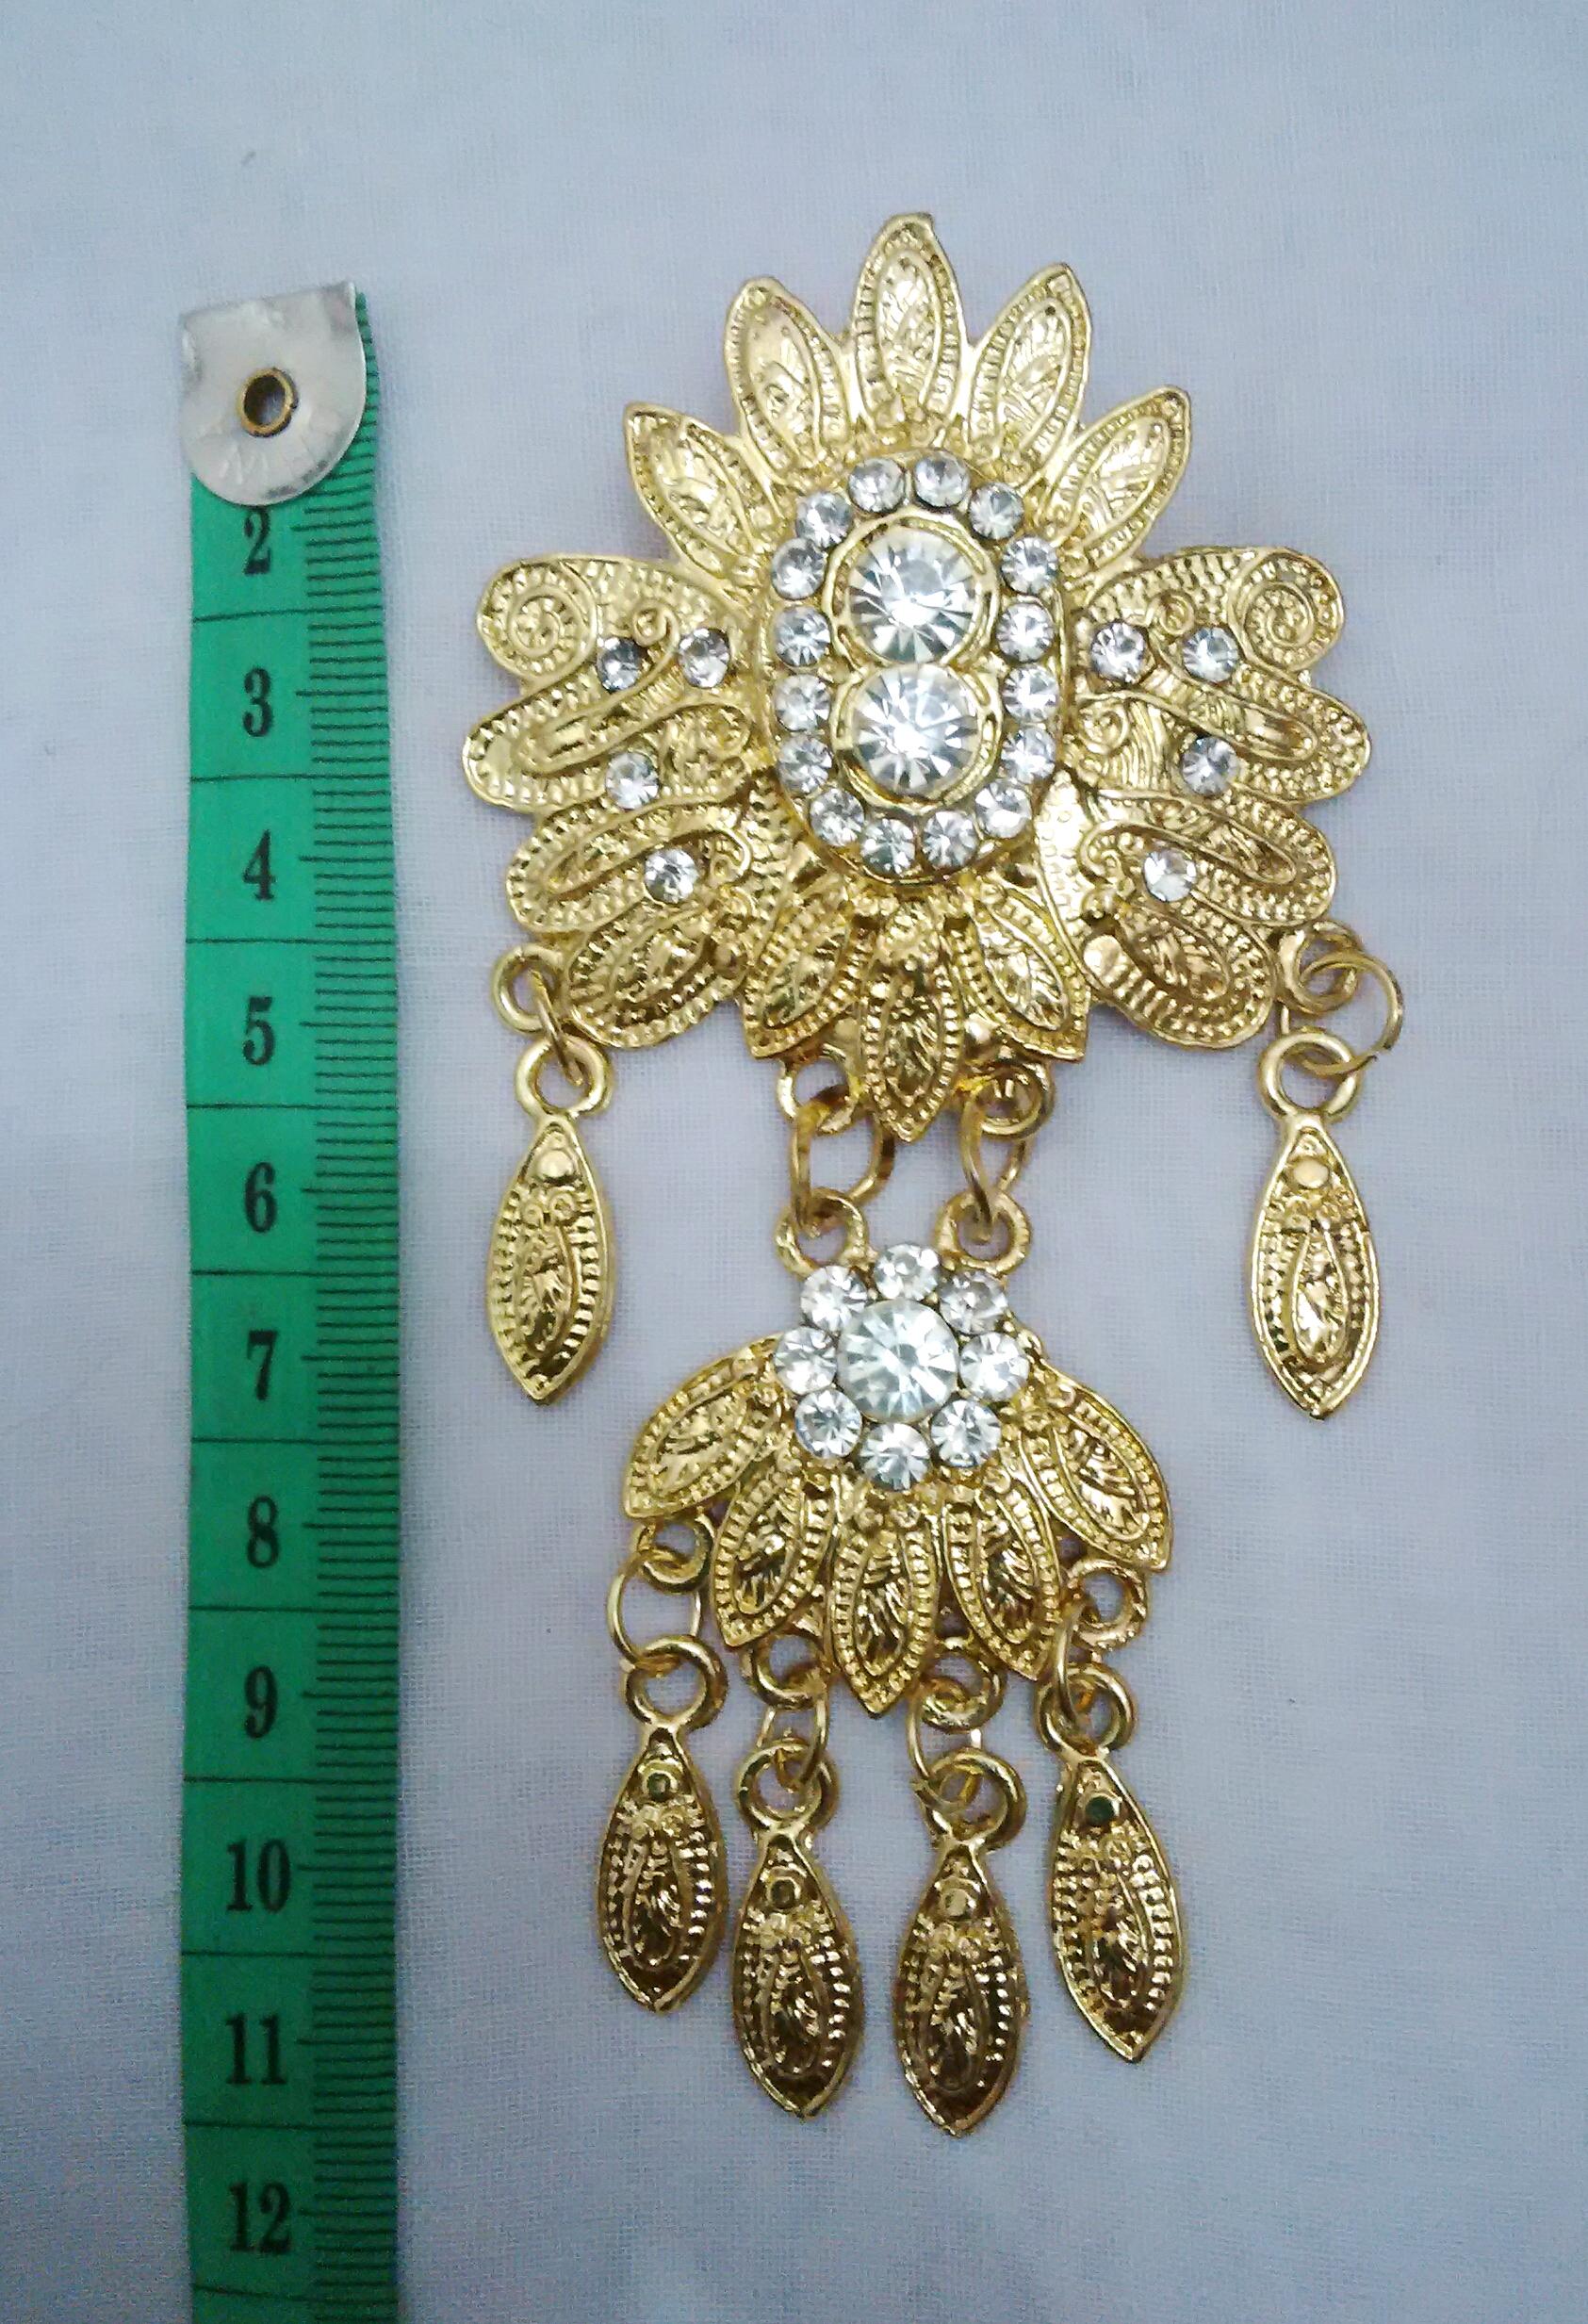 Bros kebaya/hijab metal juntai 2 tingkat gold swarovski/permata putih